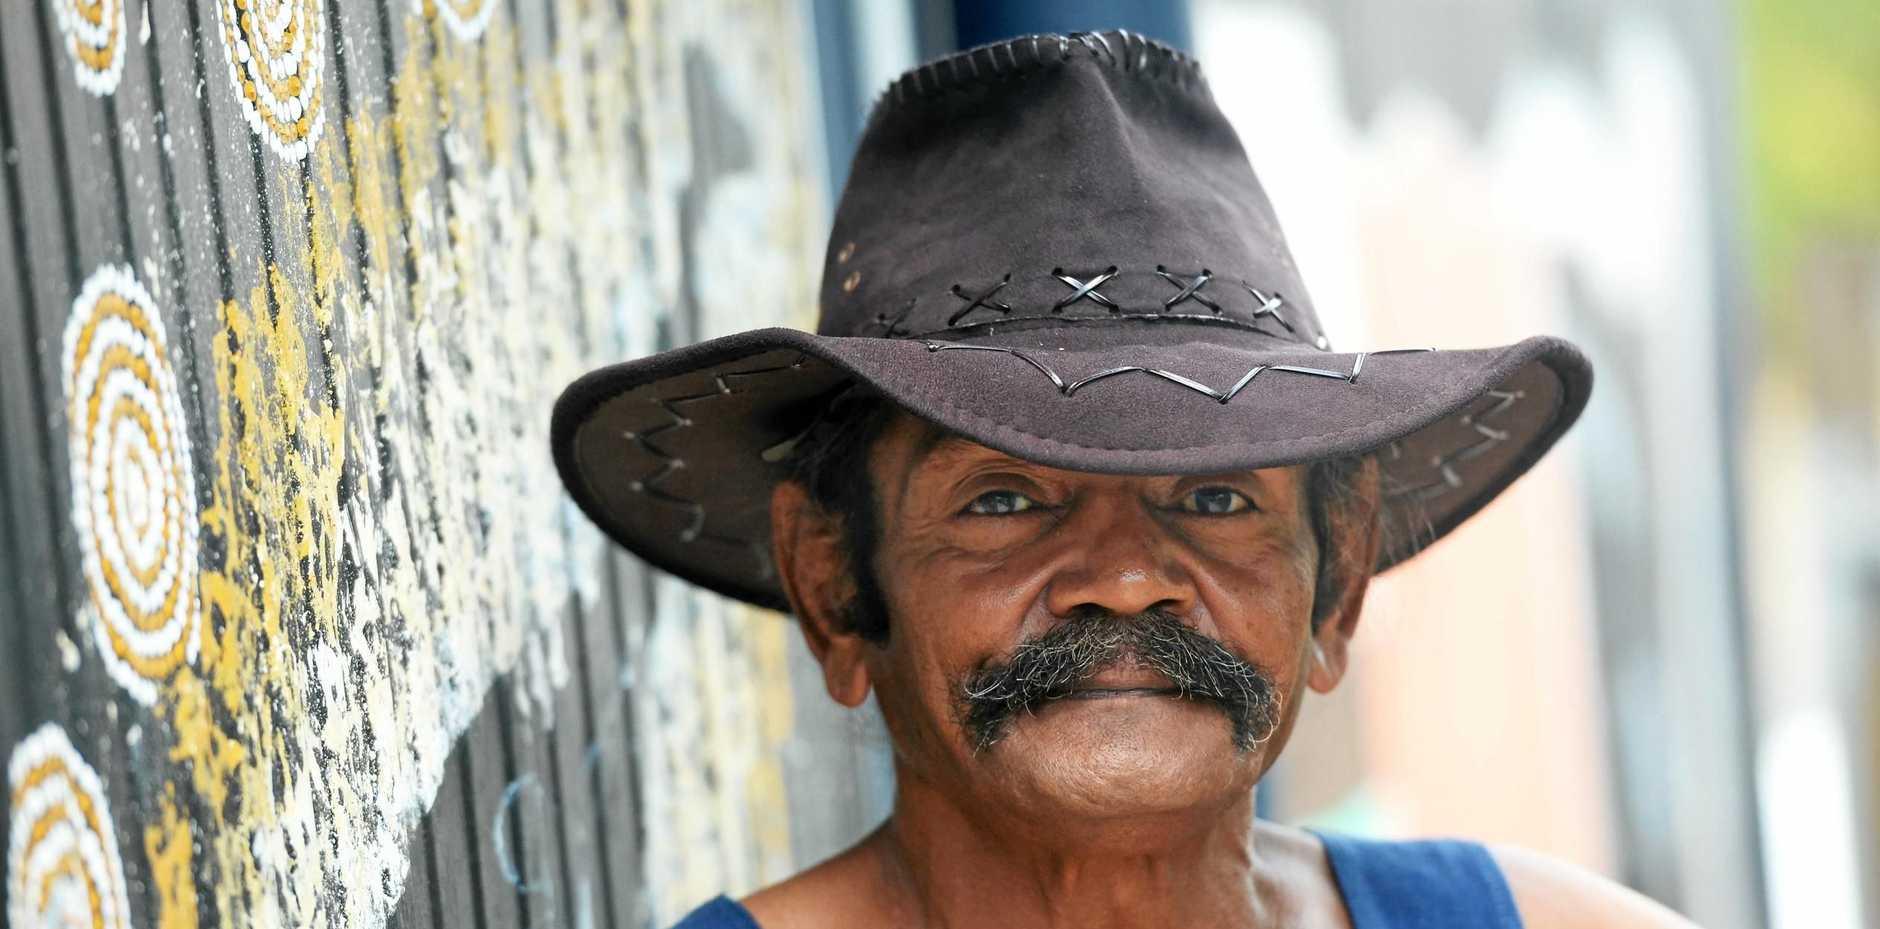 One of Rockhampton's homeless, Steven Freeman.